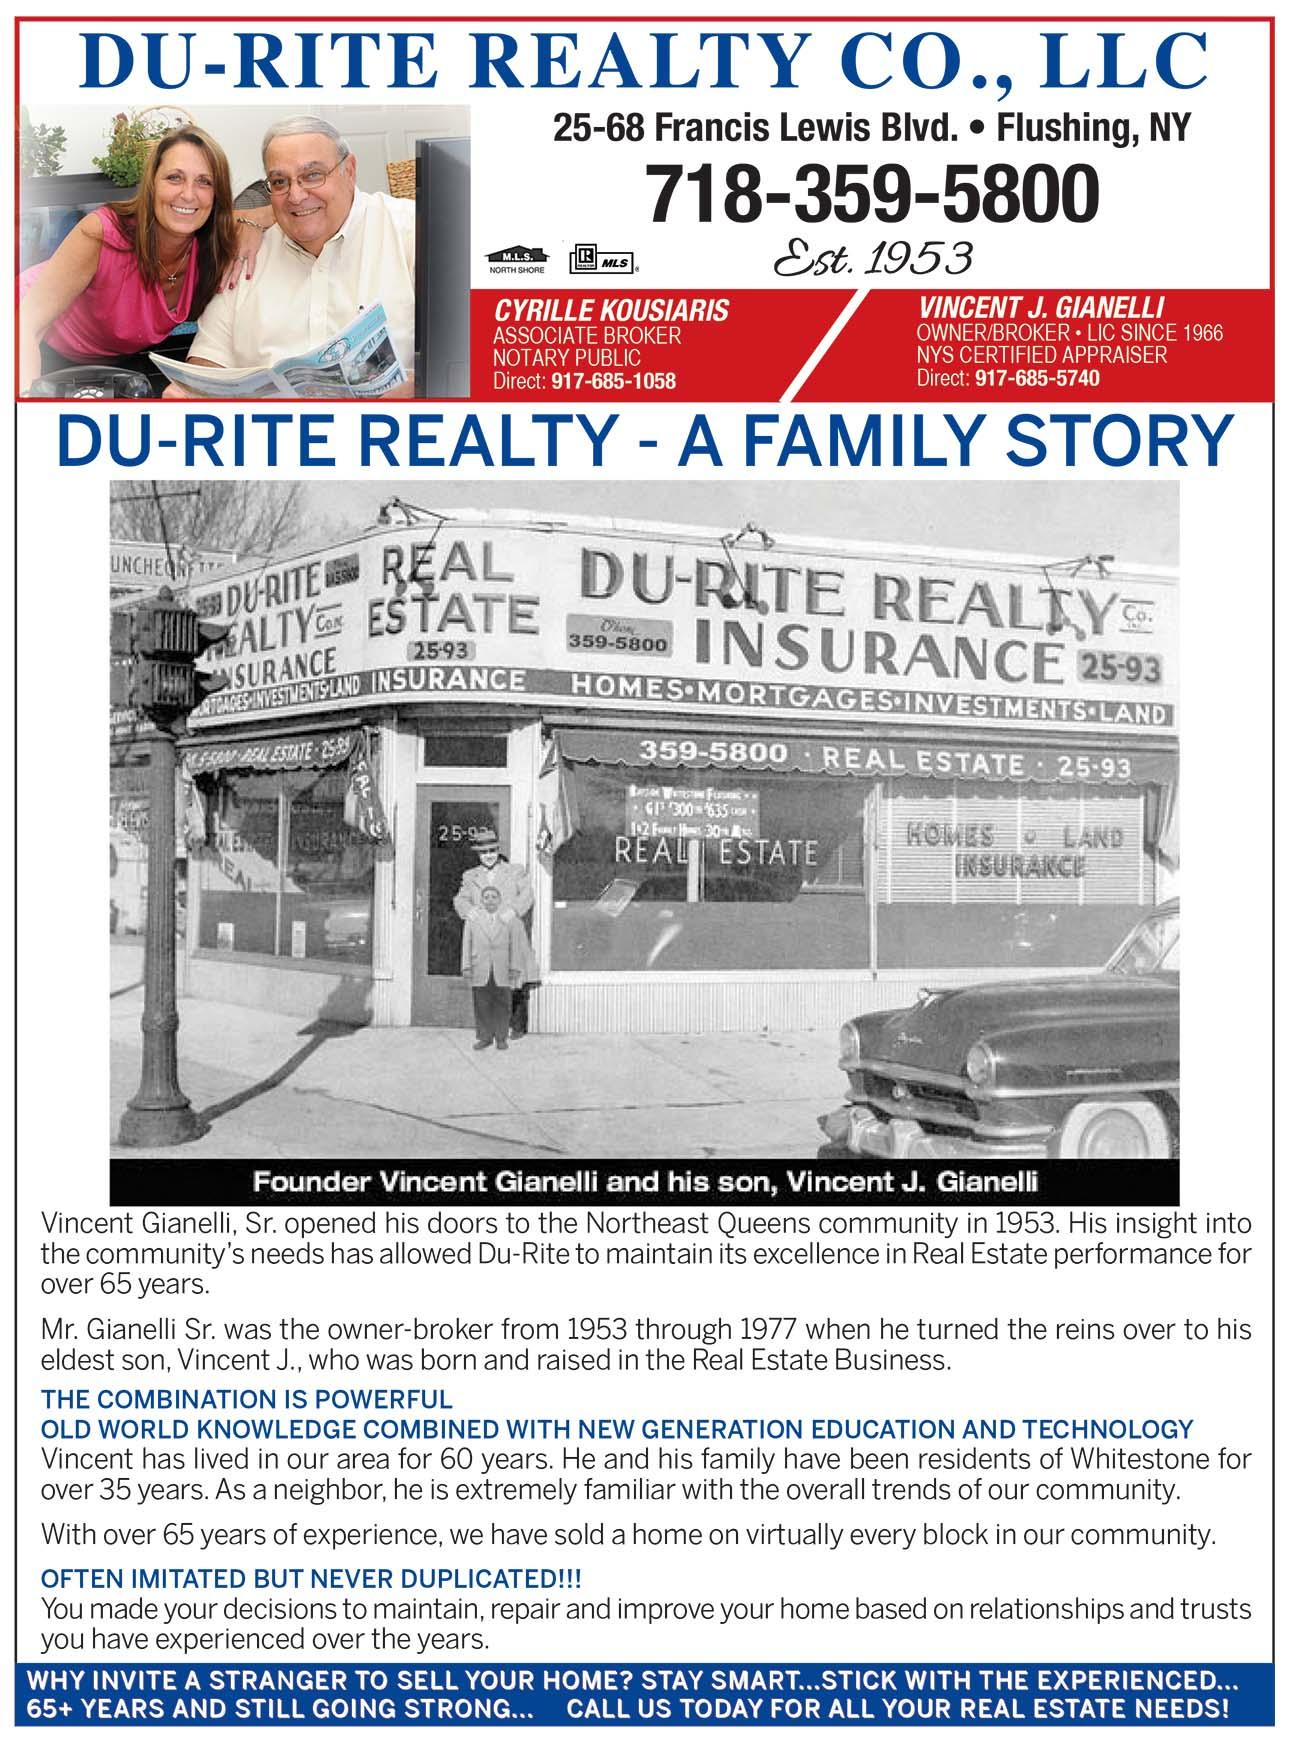 Du-Rite Realty Co., LLC Realtor Ad